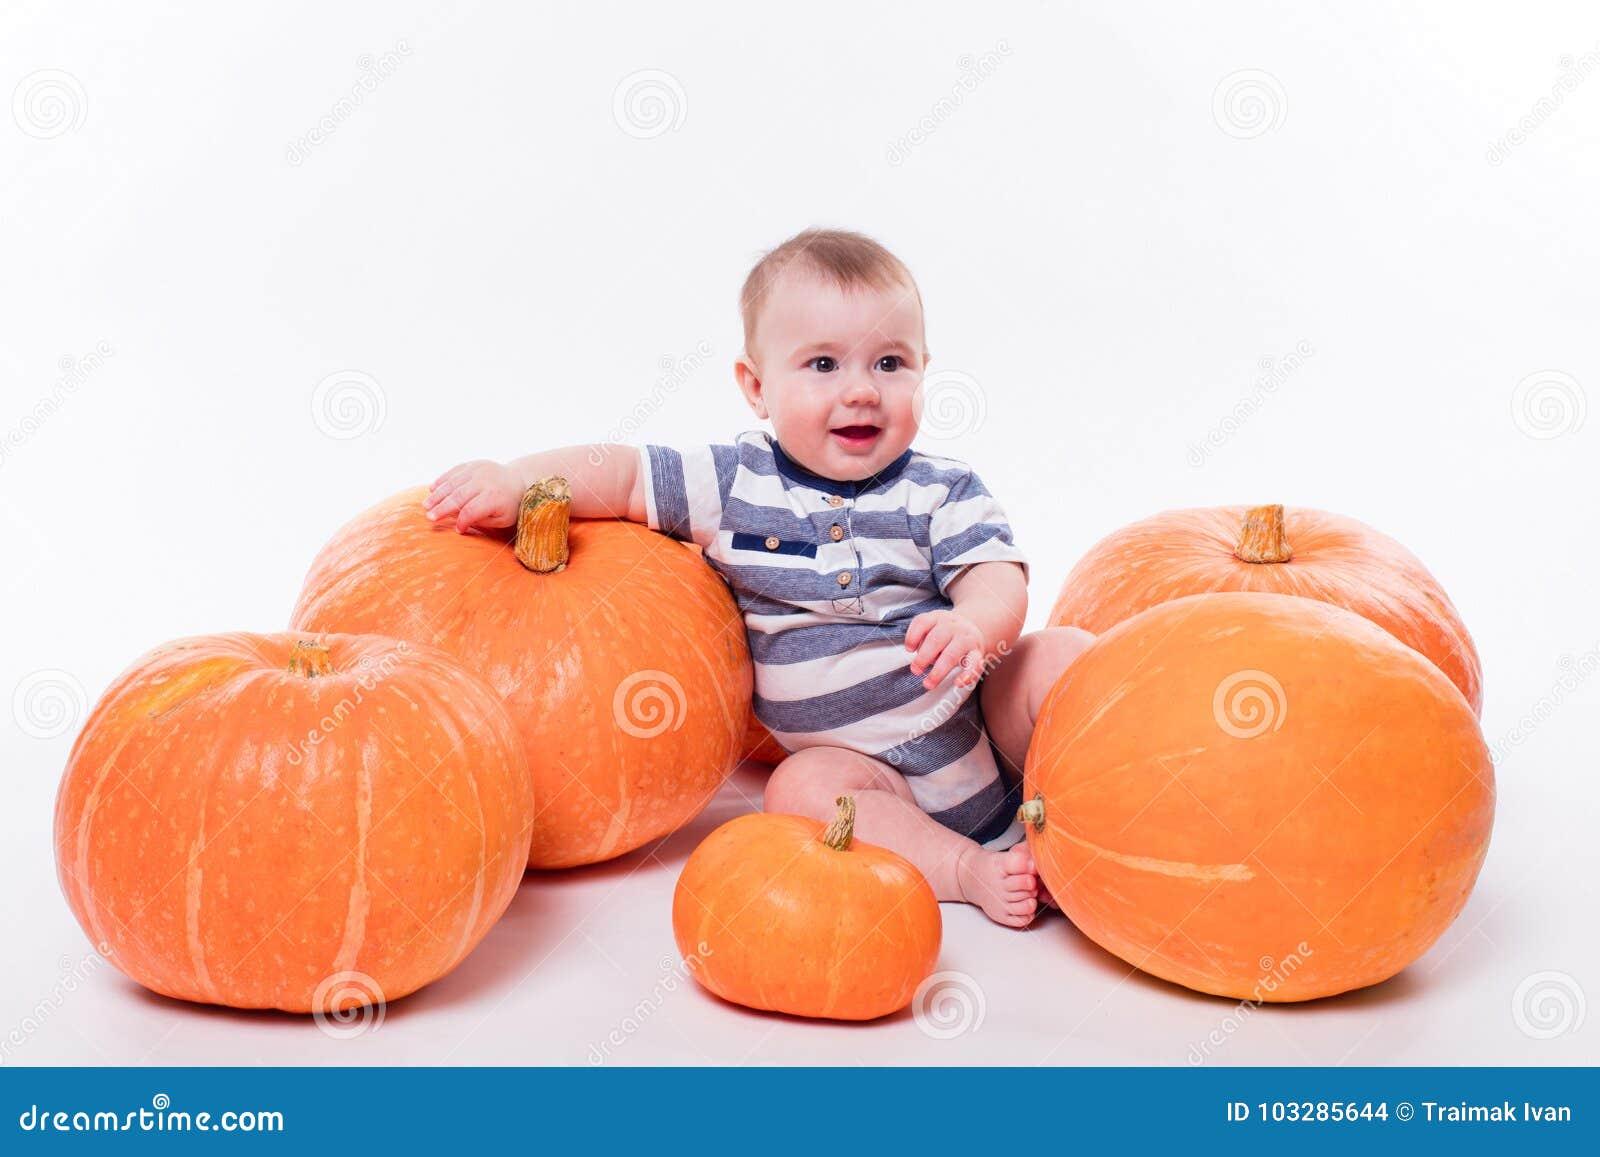 Leuke baby die op zijn maag op een witte achtergrond met inbegrip van p liggen